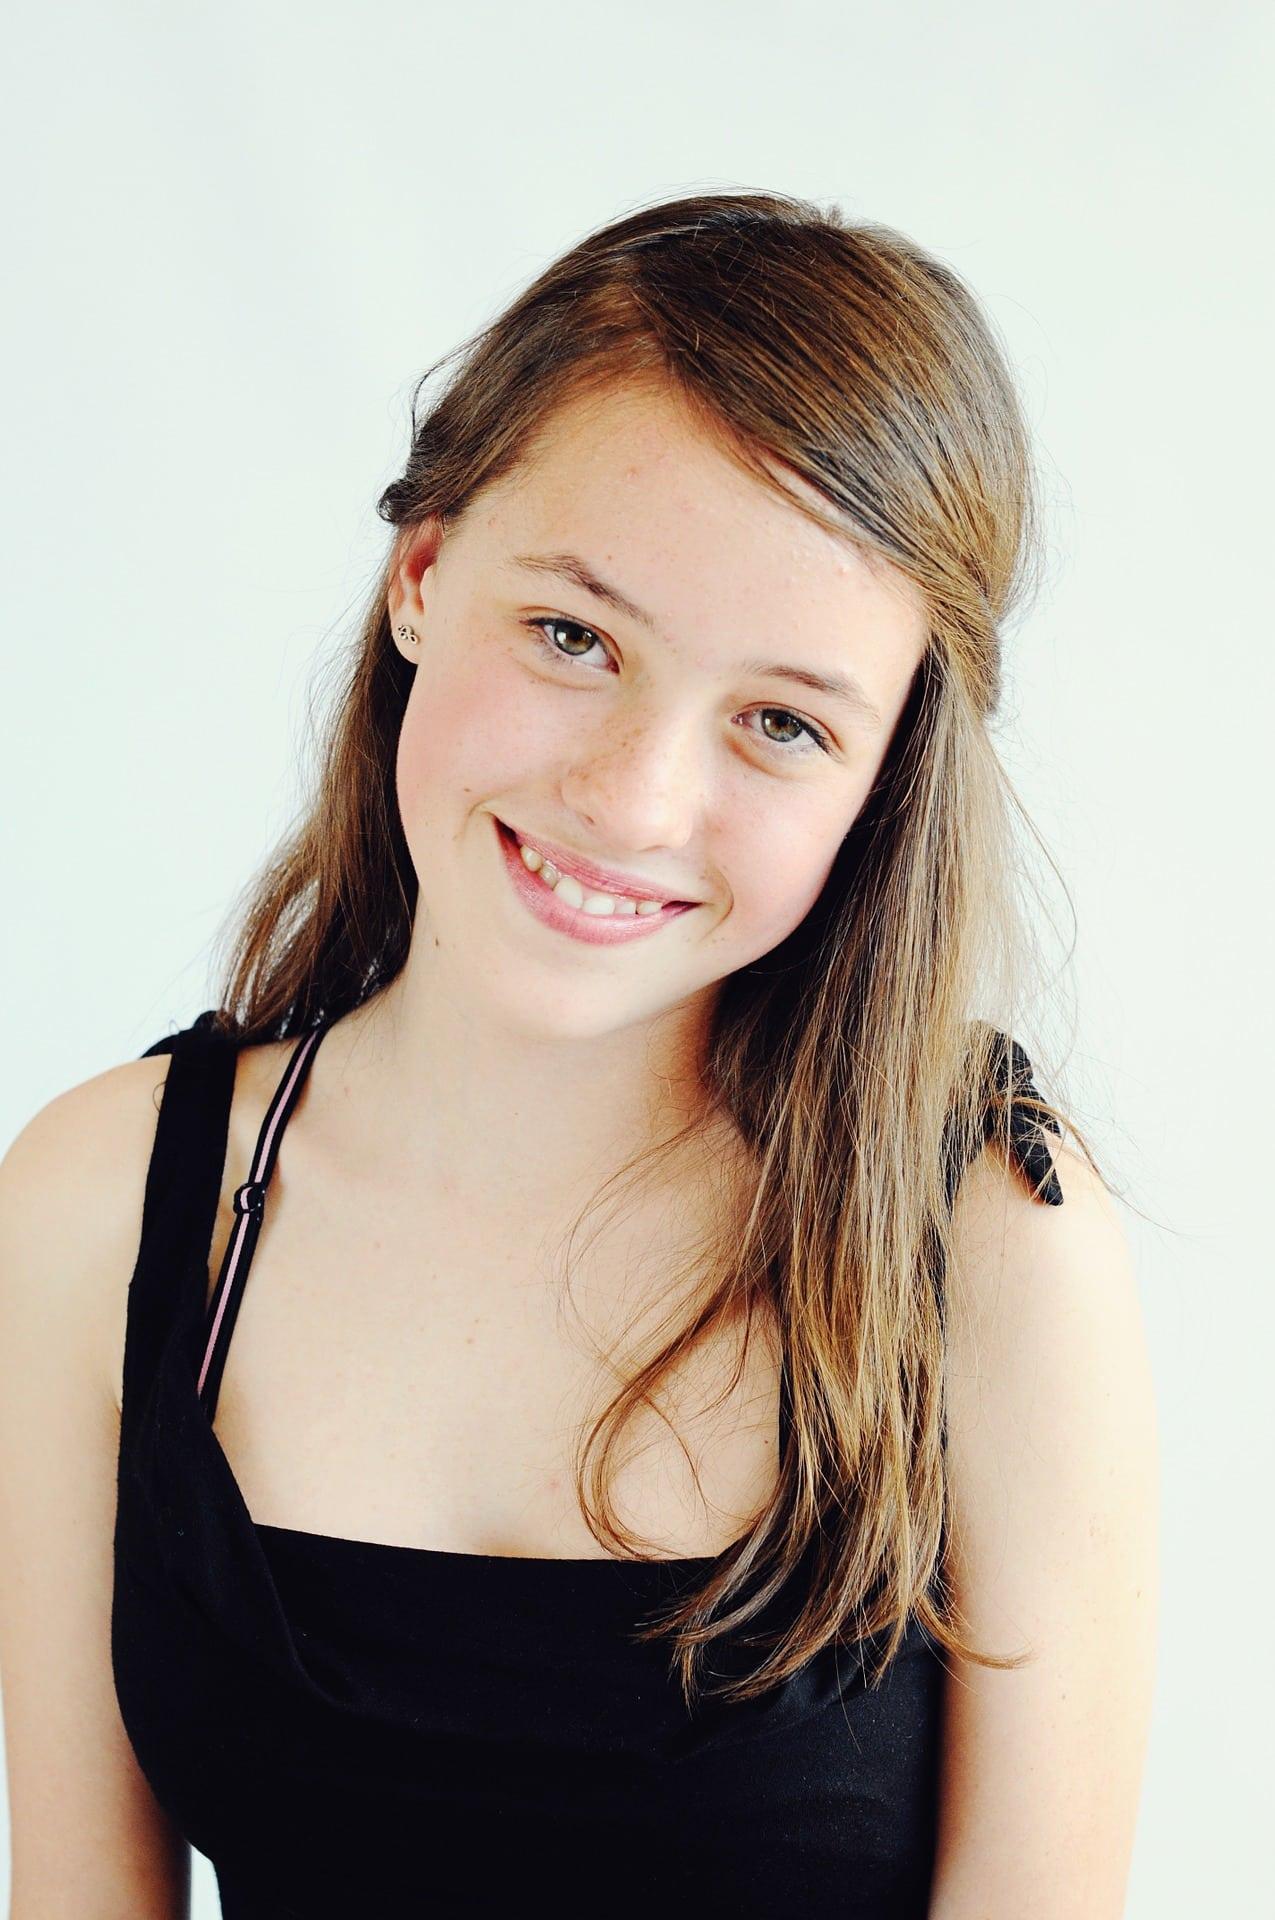 retrato de una adolescente sonríendo